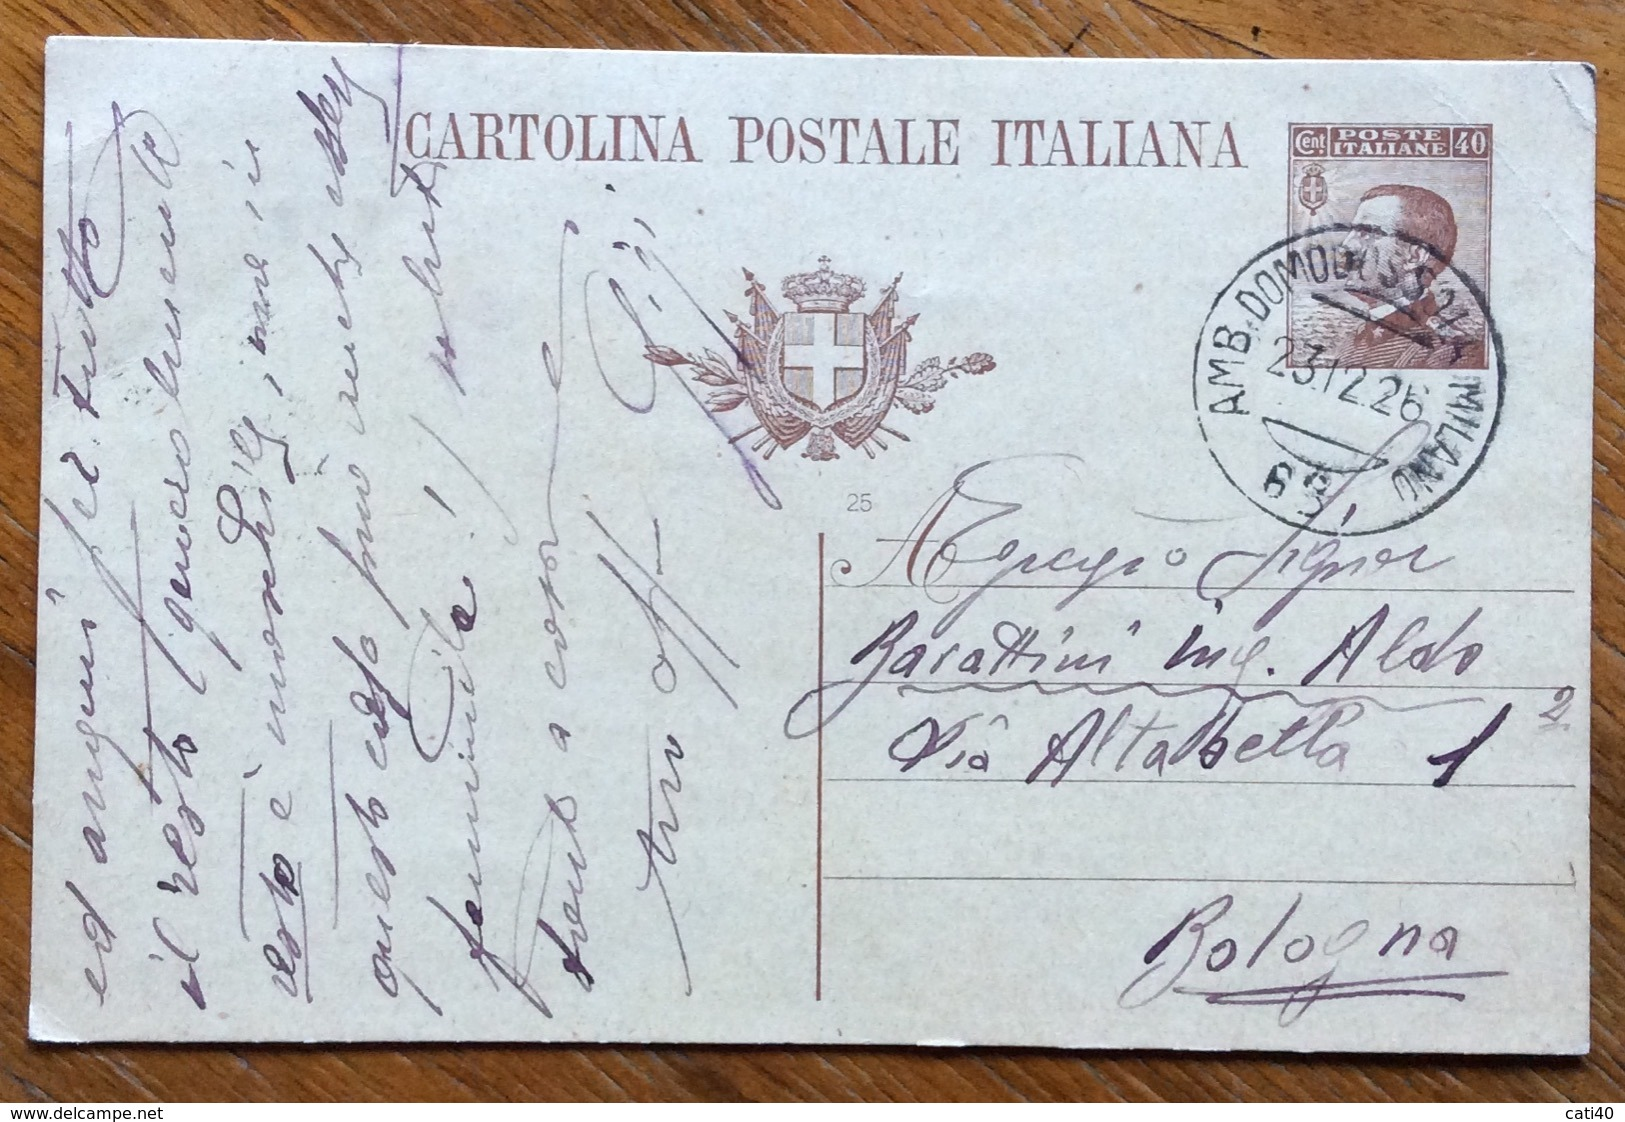 AMBULANTE DOMODOSSOLA-MUILANO  68 * 23/12/26   SU CARTOLINA POSTALE  DA  COMO A BOLOGNA - 1900-44 Vittorio Emanuele III